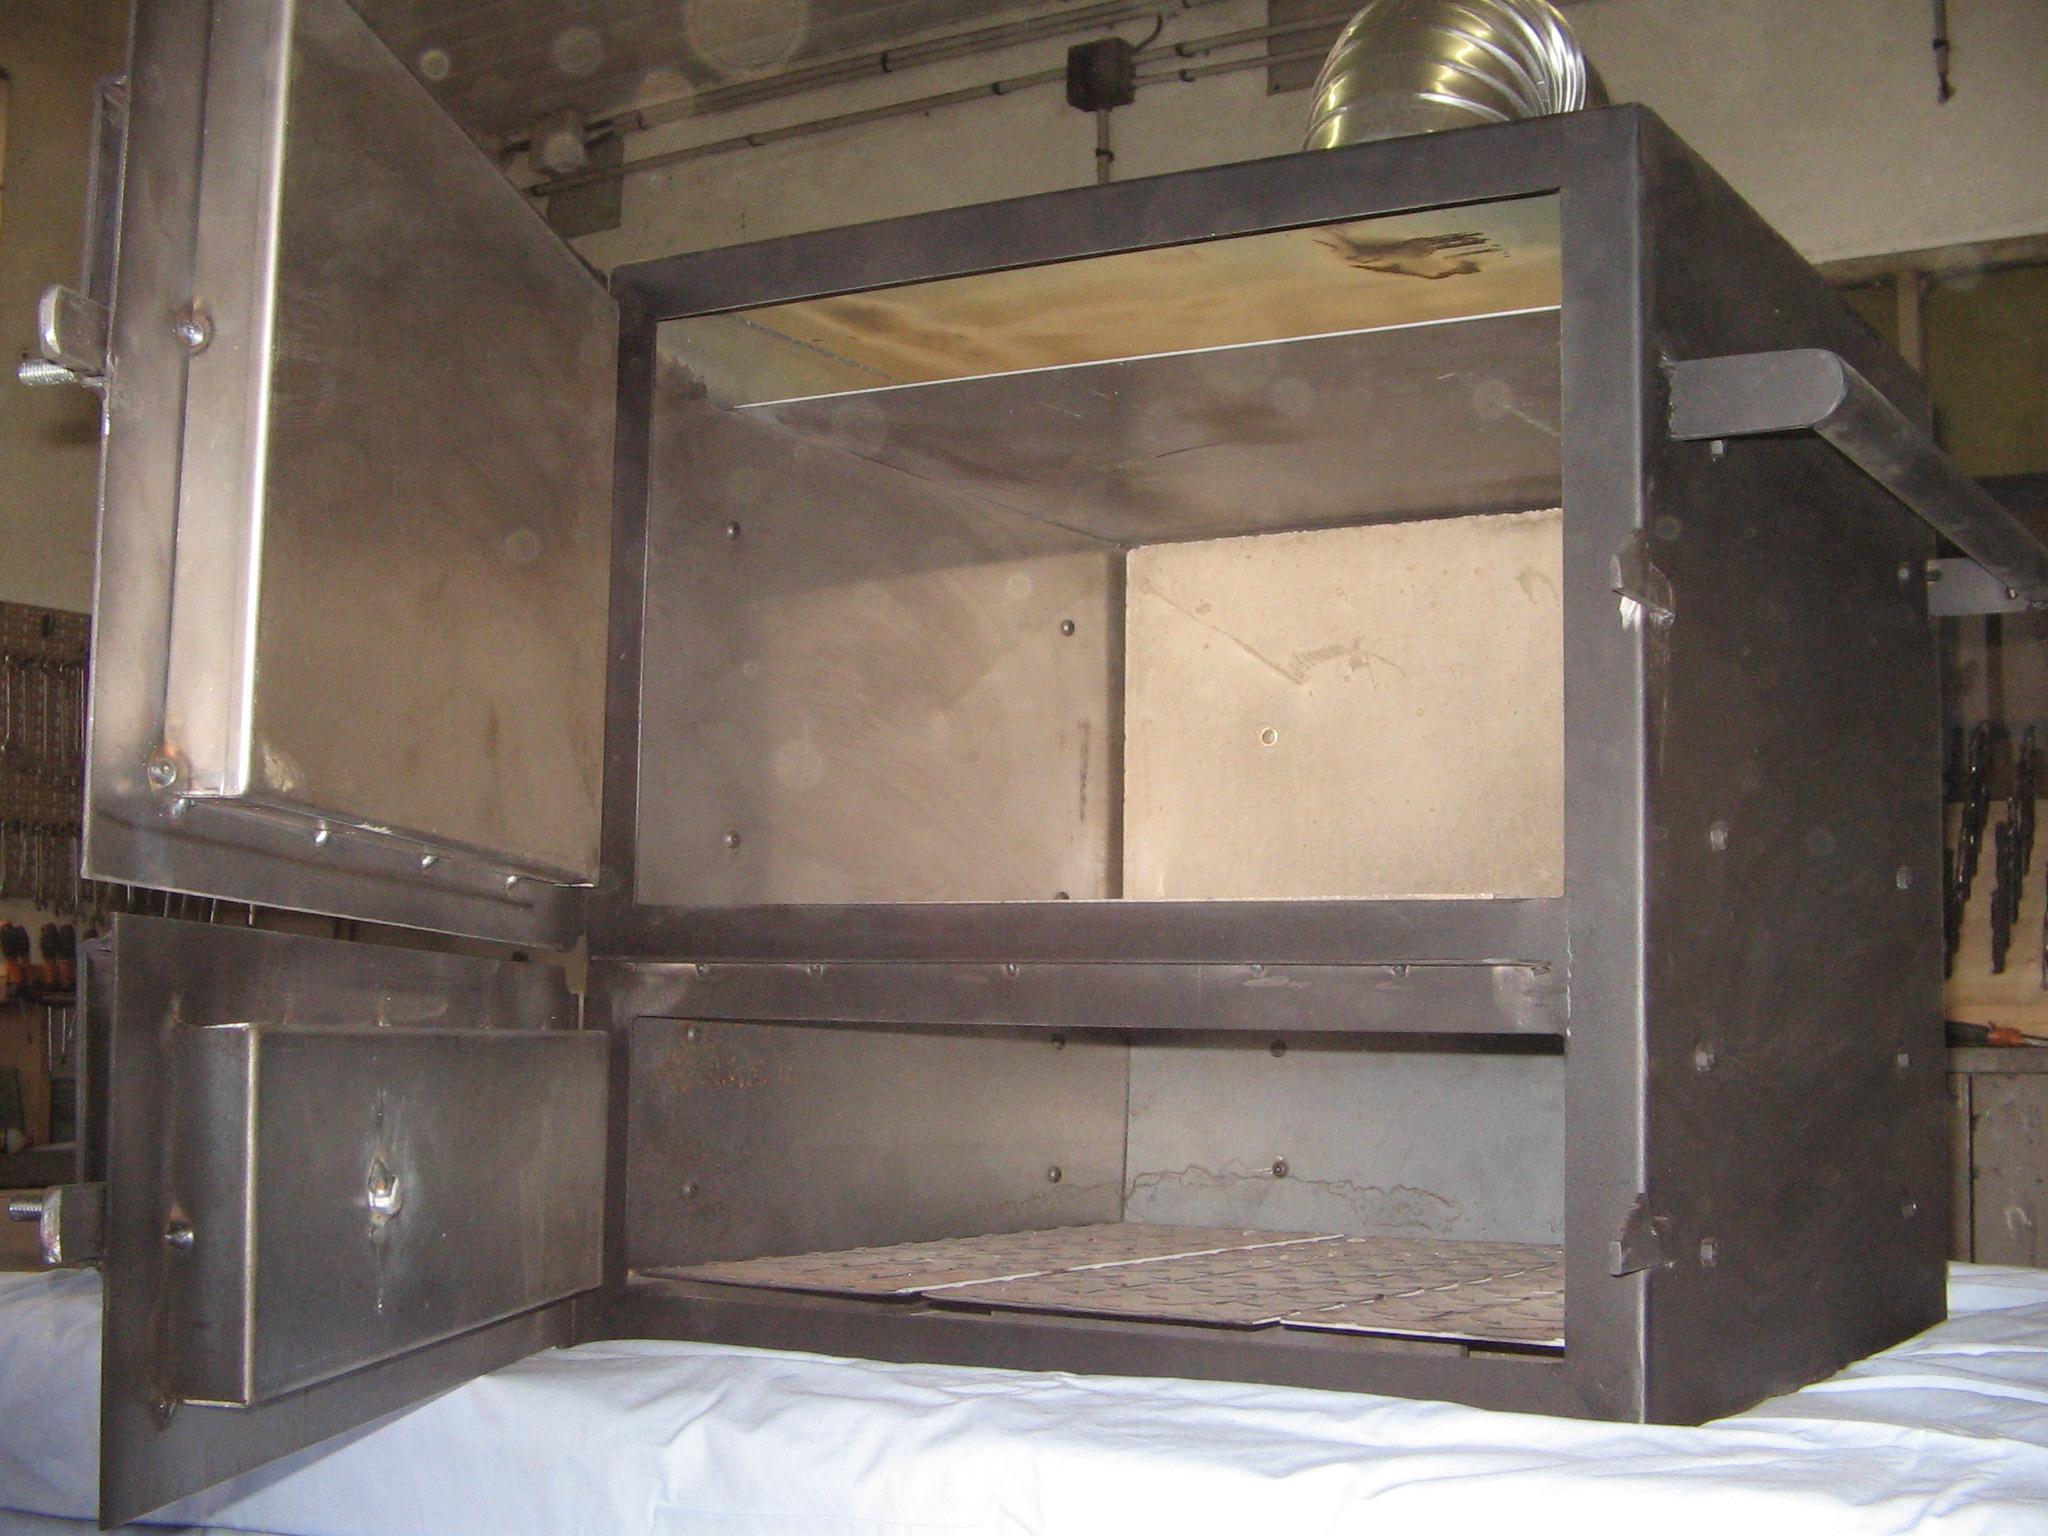 fabrication d 39 ouvrages en m tal sur mesure ams creusy haute sa ne. Black Bedroom Furniture Sets. Home Design Ideas